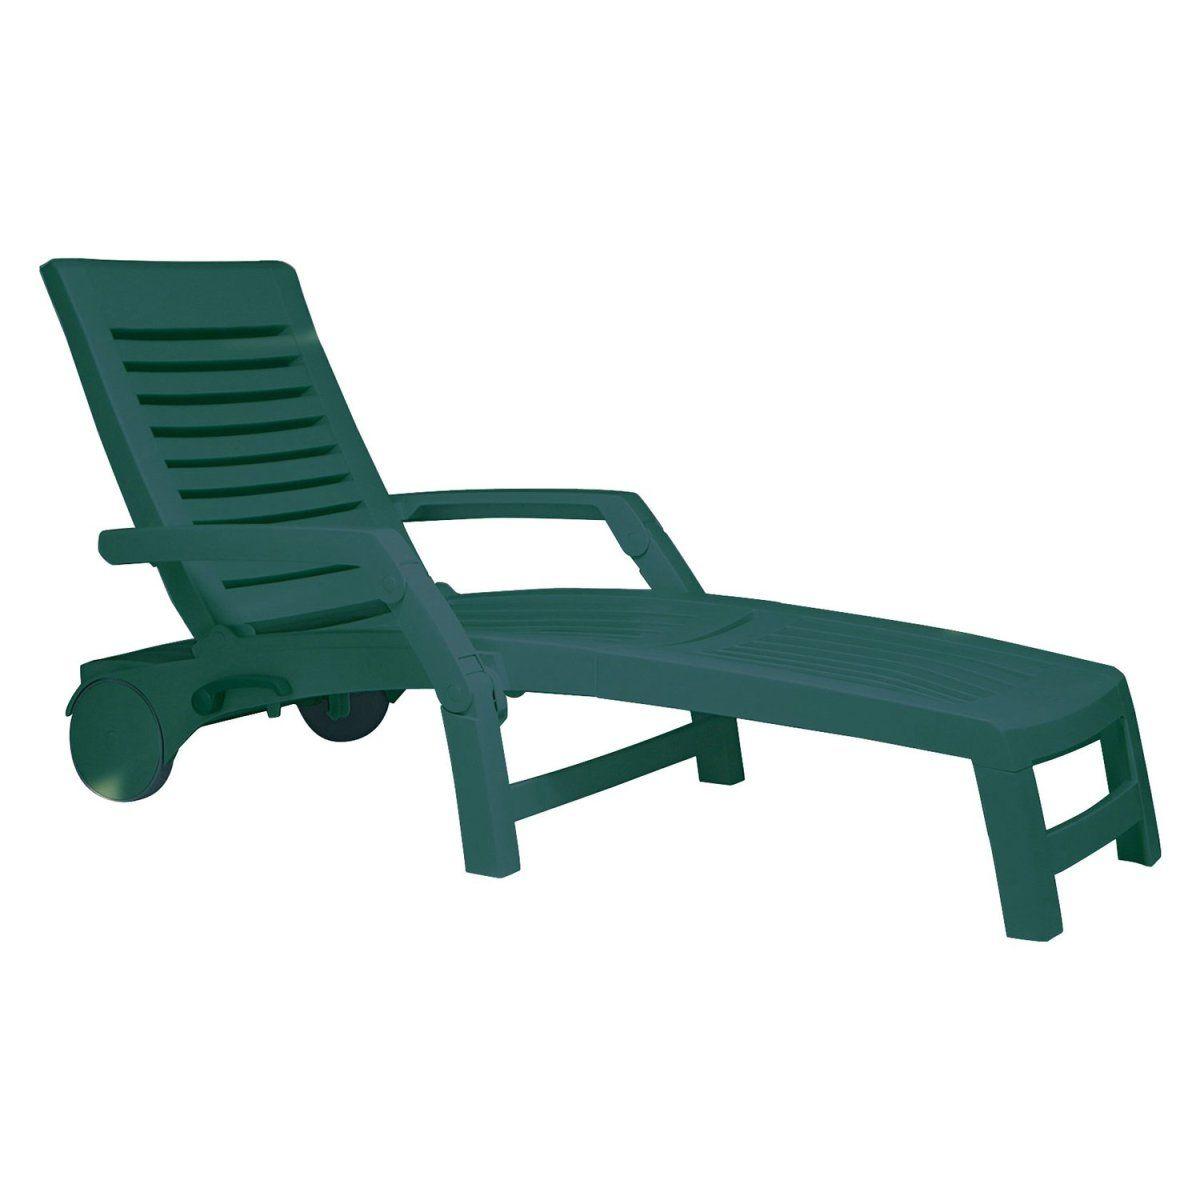 Roll-Sonnenliege Florida Grün Jetzt bestellen unter: https://moebel ...